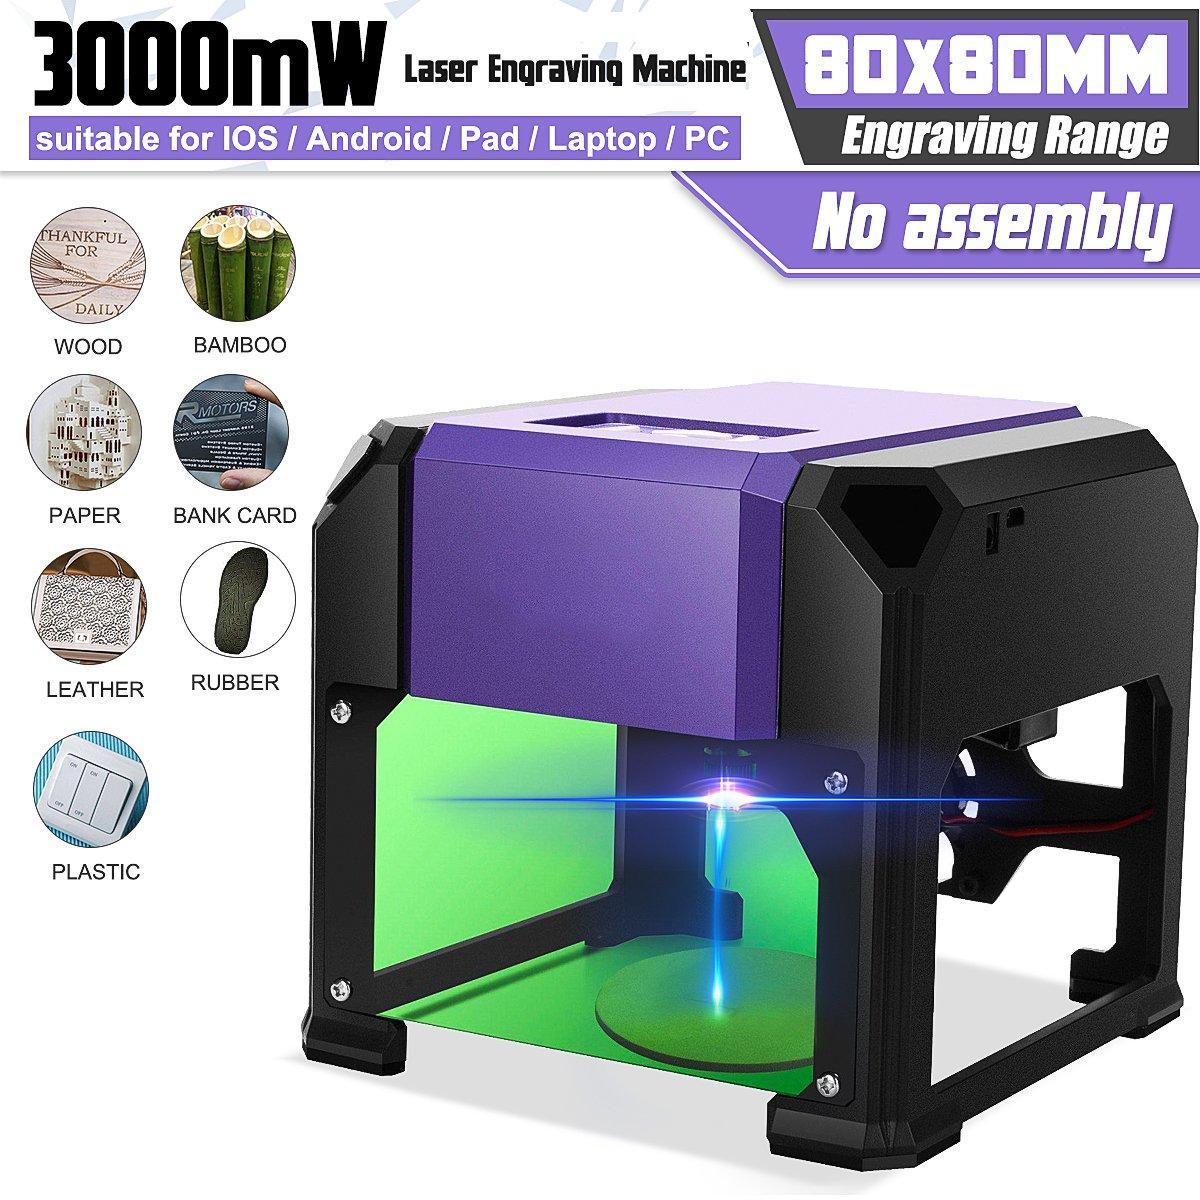 Machine de gravure de Laser de bureau de 3000MW marquant le Logo pour le système d'os de victoire/Mac CNC routeur en bois découpant la gamme 80x80mm de Machine